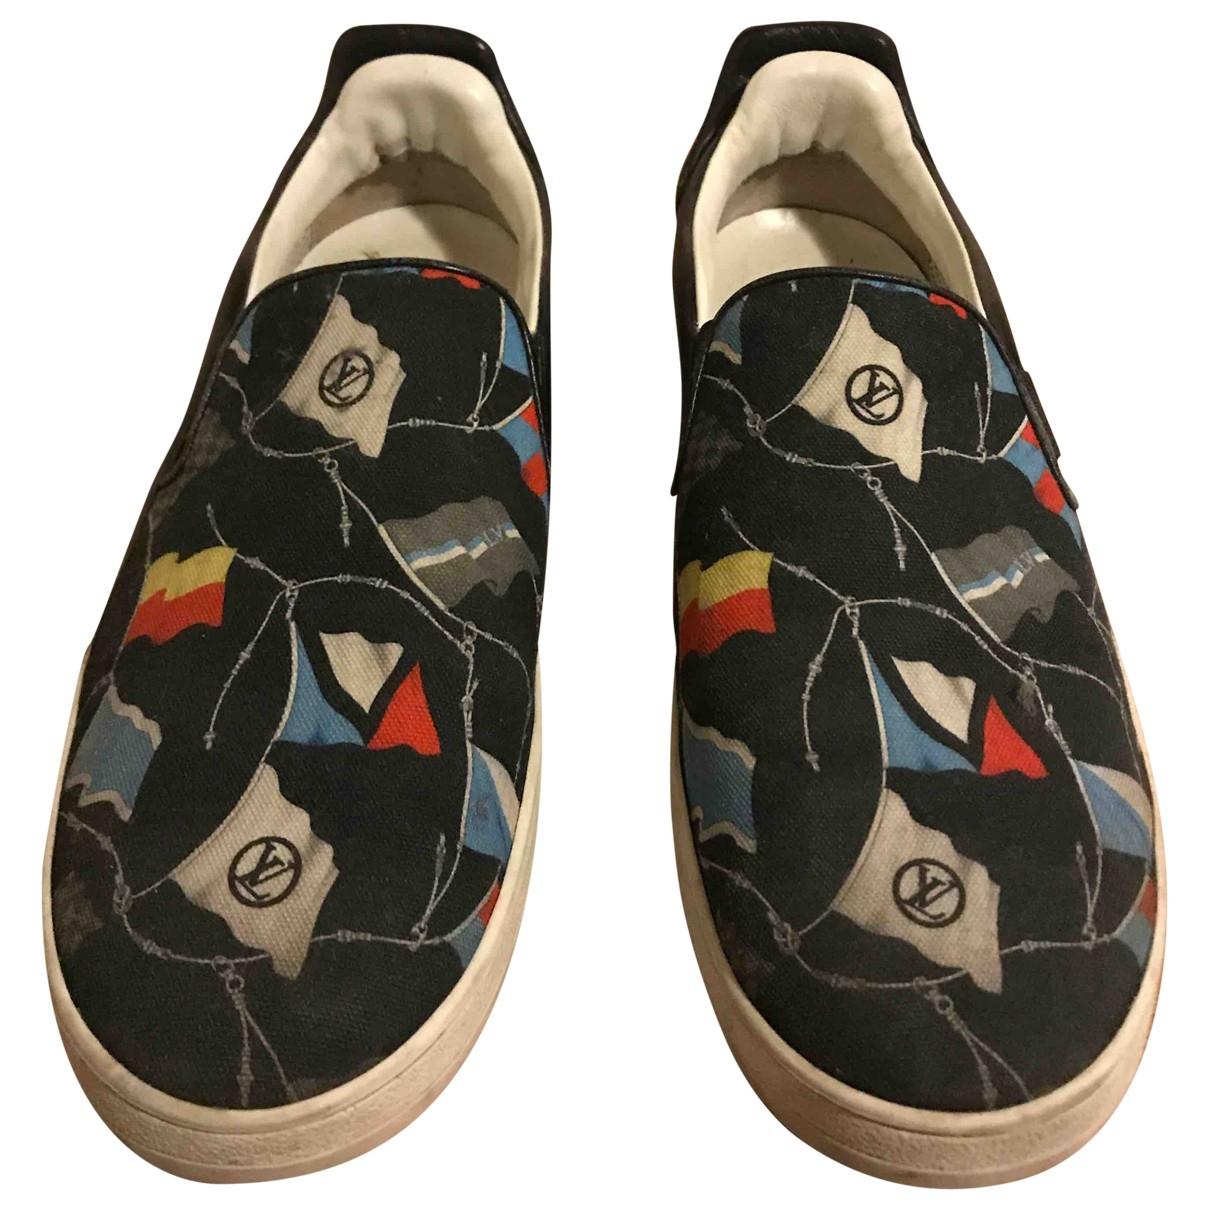 Louis Vuitton - Baskets   pour homme en toile - multicolore